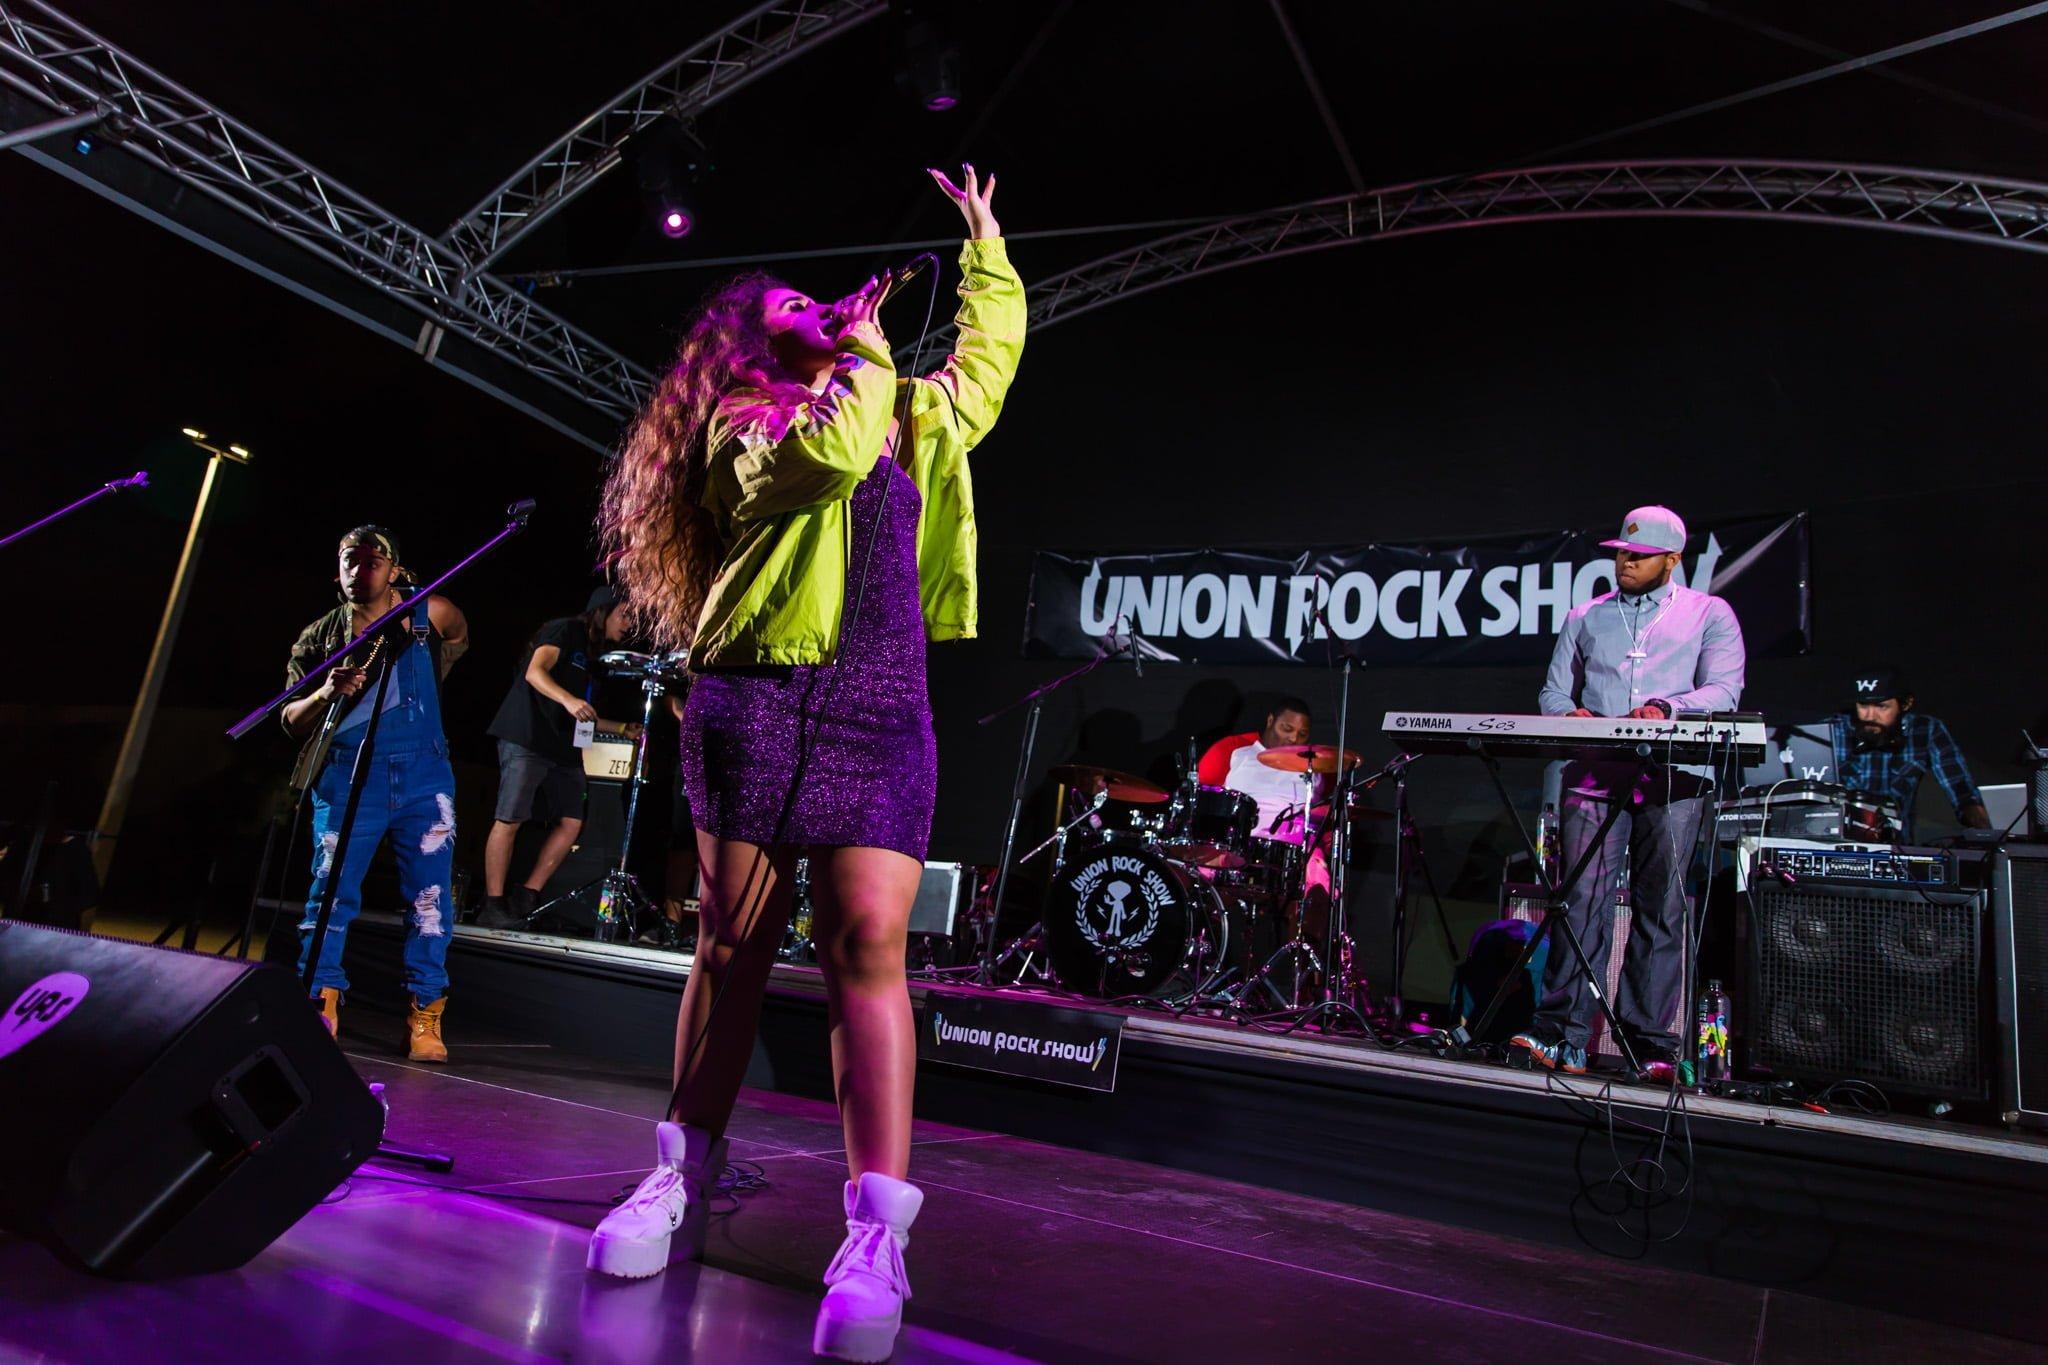 Llega a los Estados Unidos uno de los festivales de música más importantes de Venezuela: Unión Rock Show